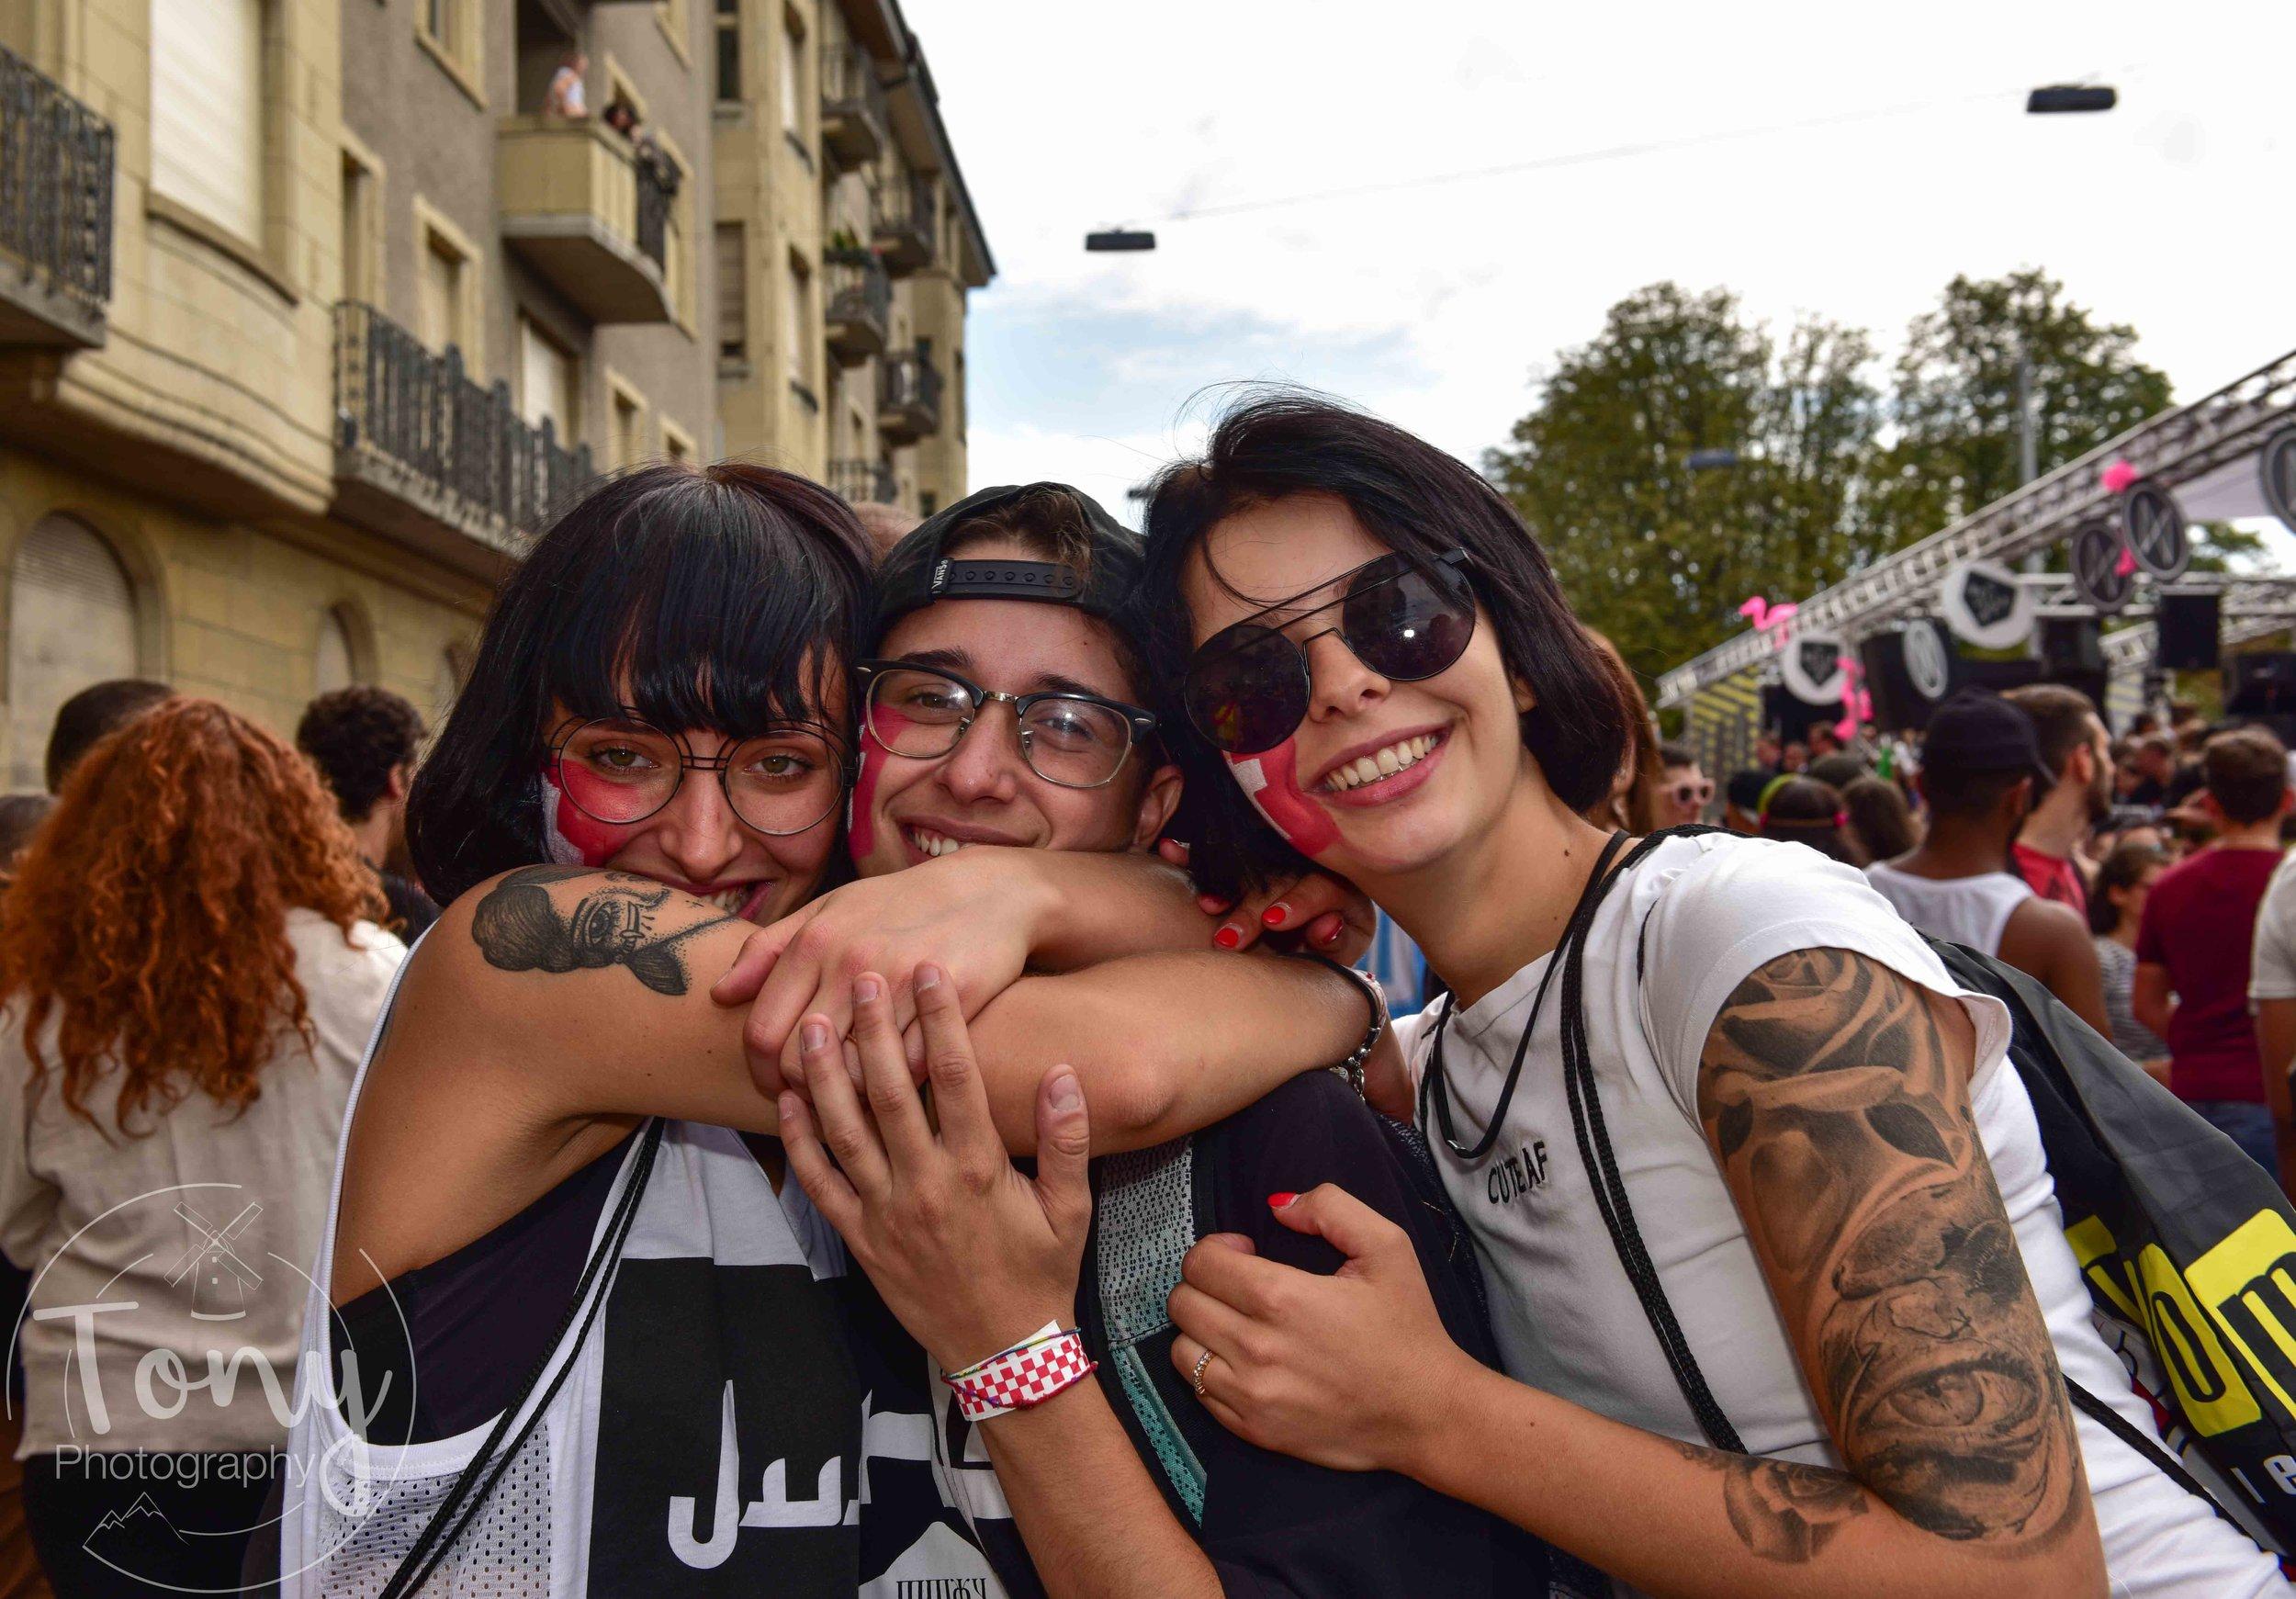 streetparade-67.jpg